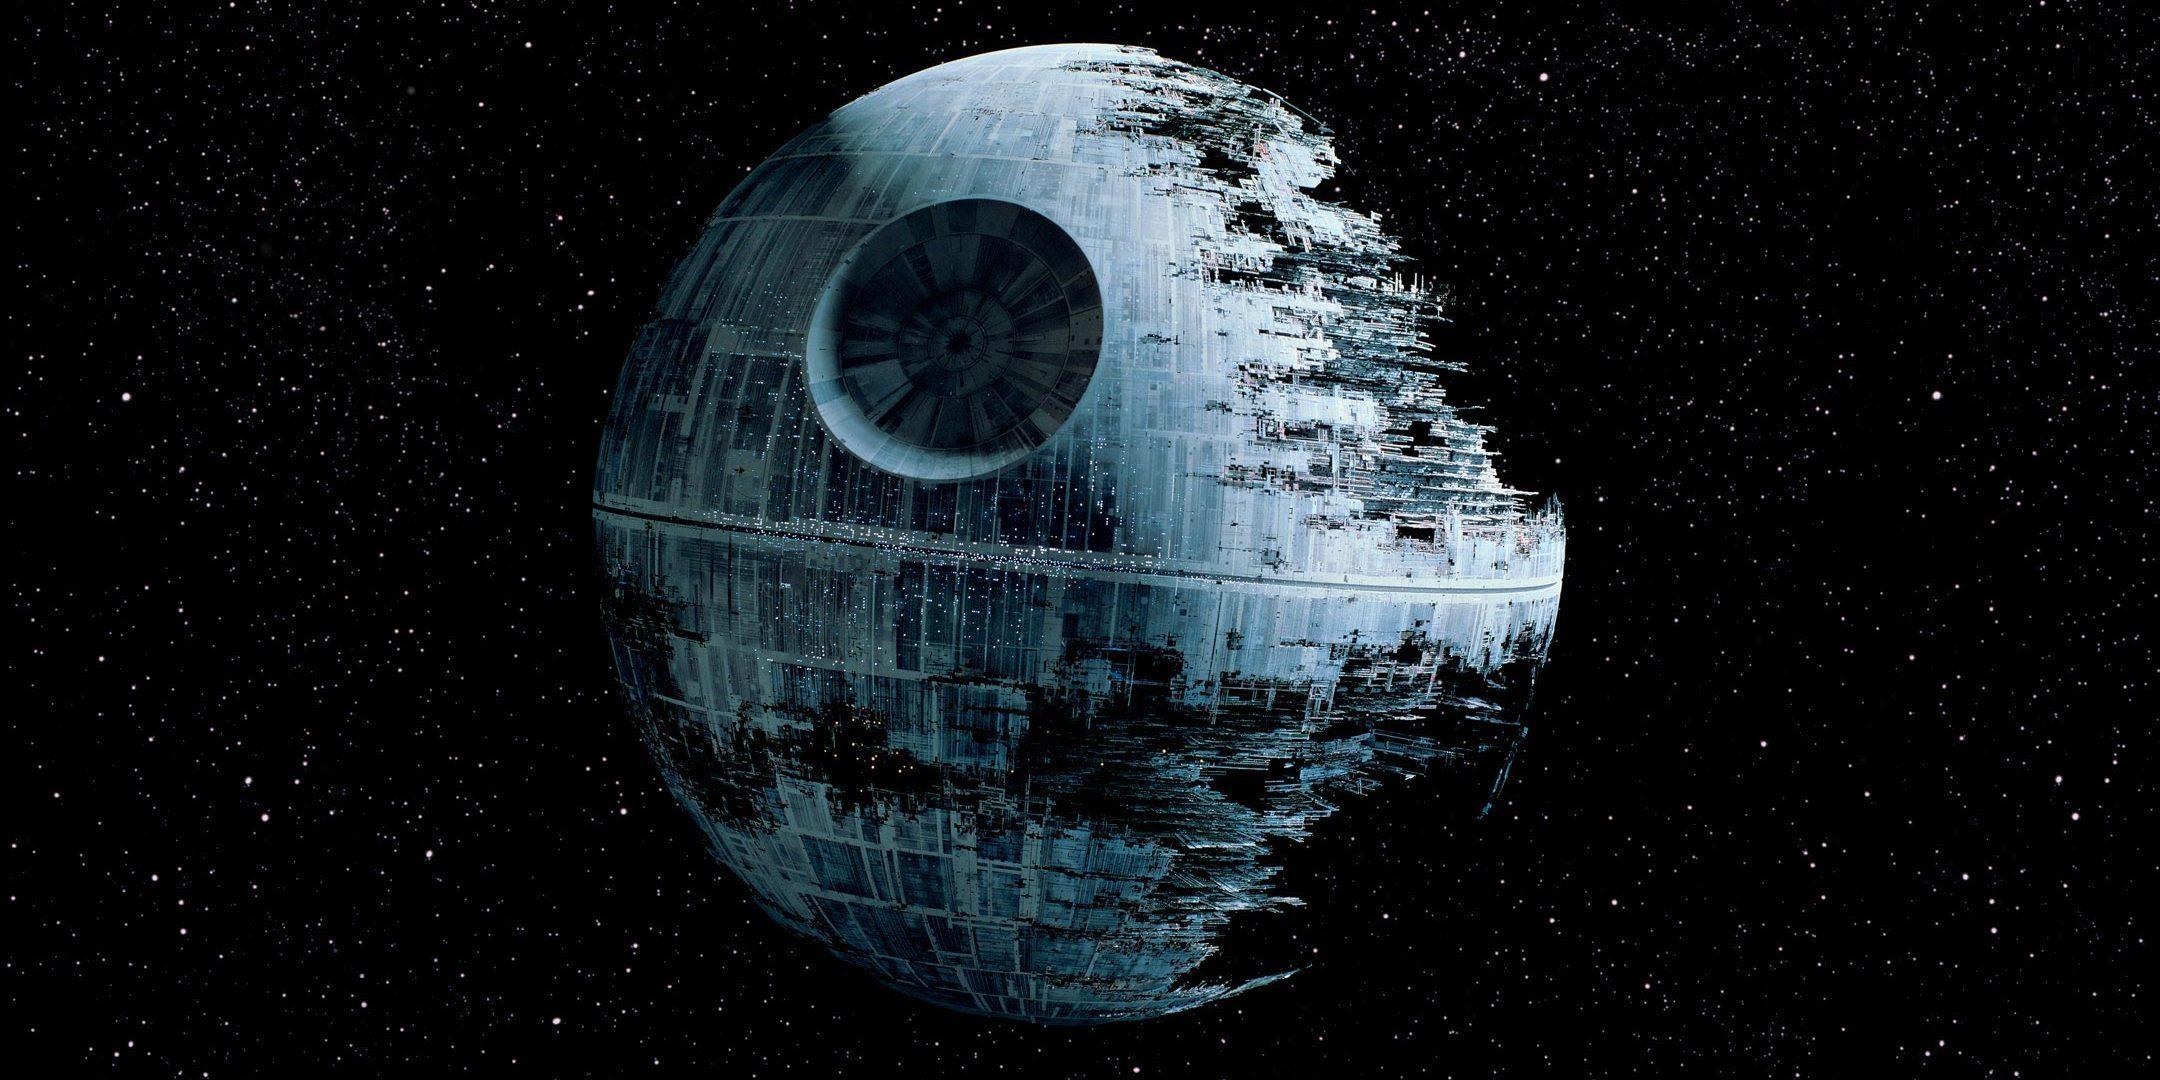 Death Star Ii Starwars Com